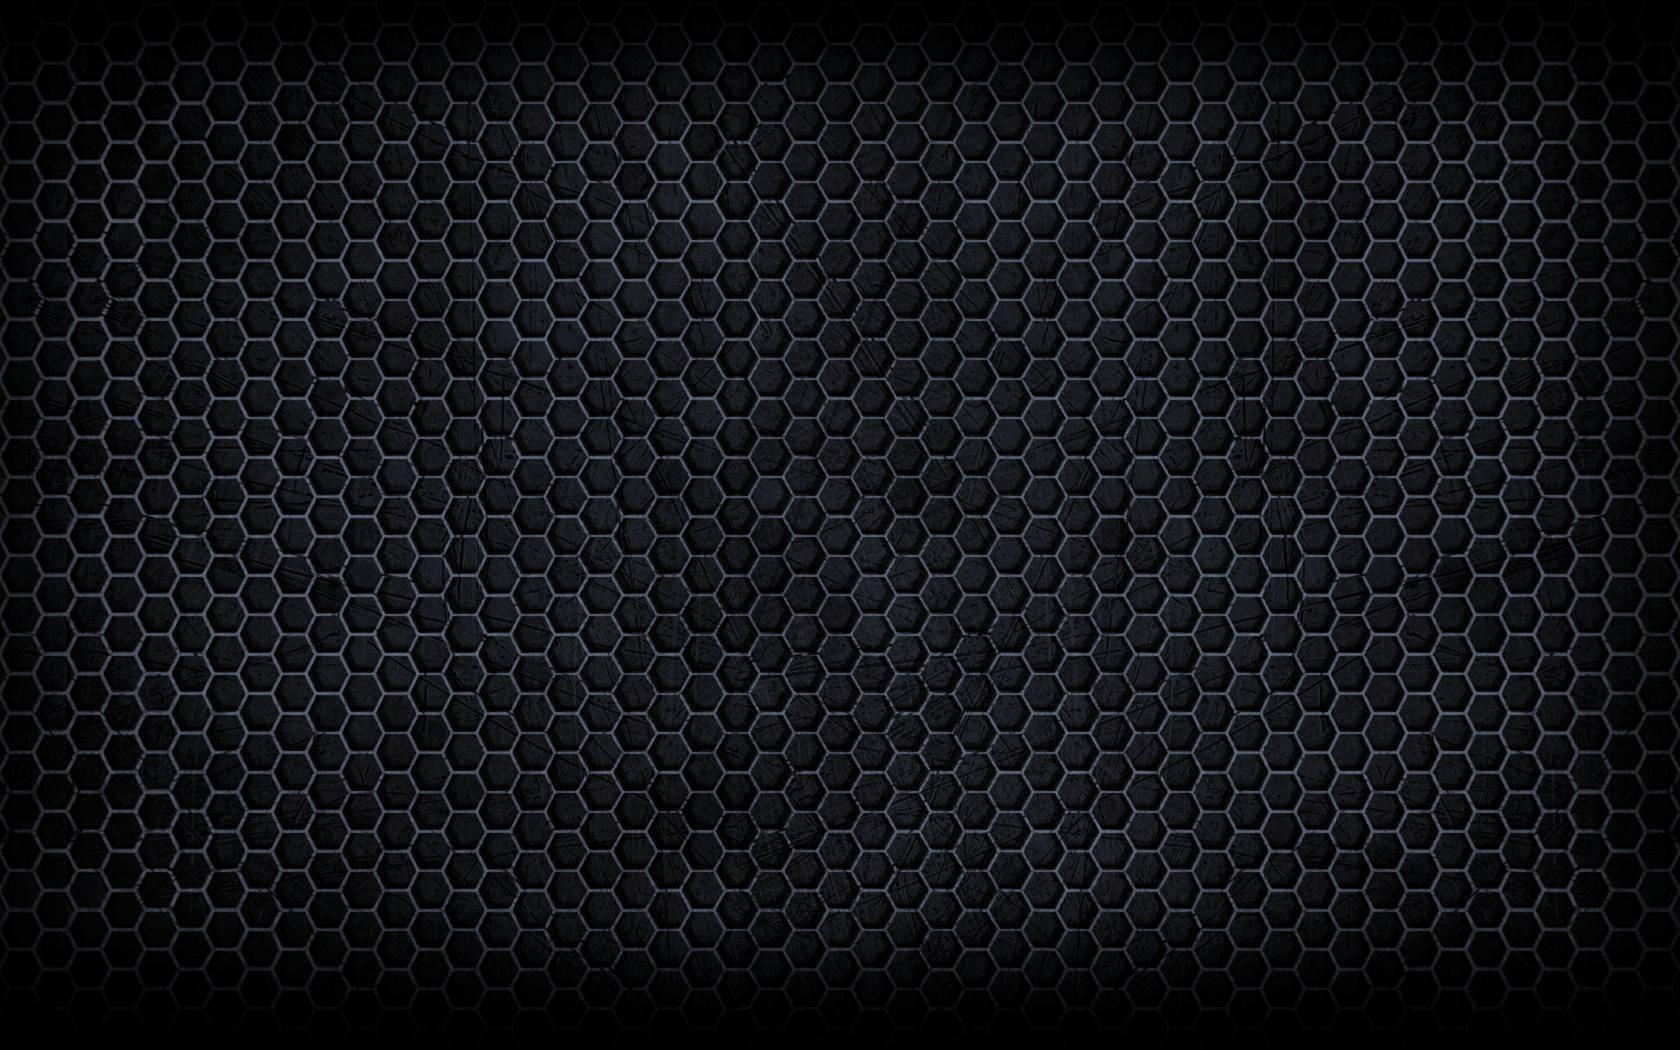 Nanosuit Texture Wallpaper 2 by blakegedye Nanosuit Texture Wallpaper 2 by blakegedye